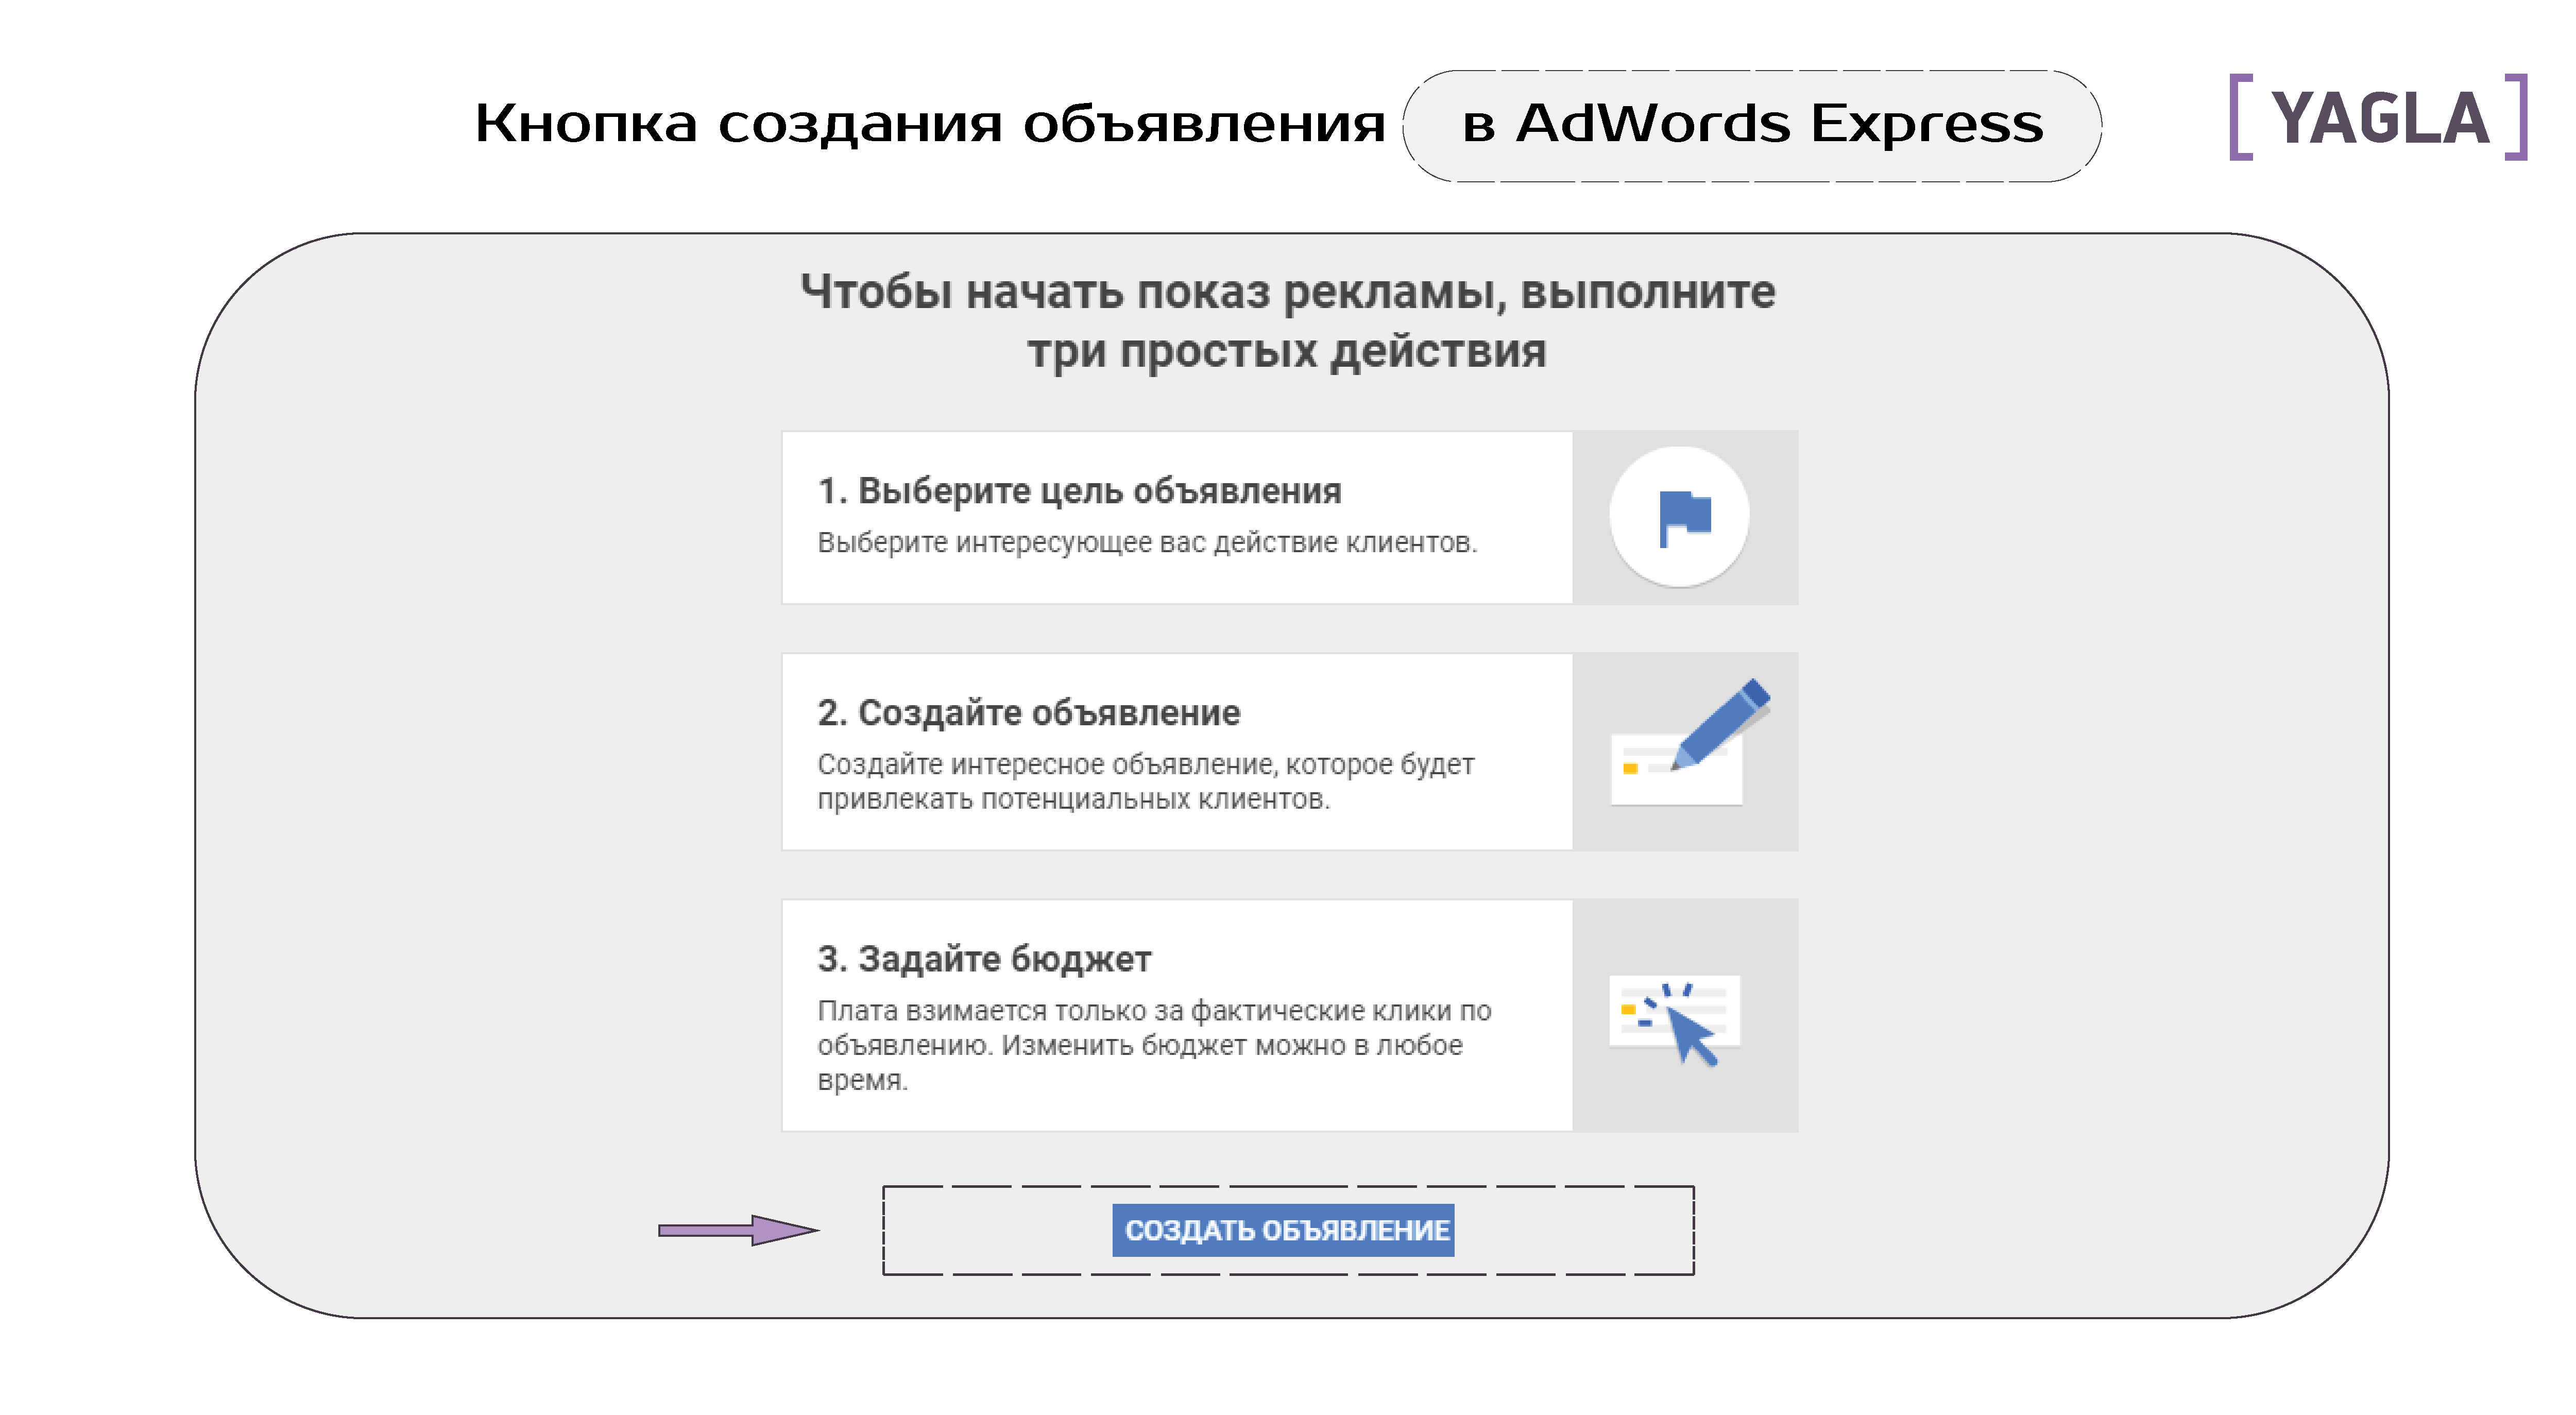 Кнопка создания объявления в AdWords Express